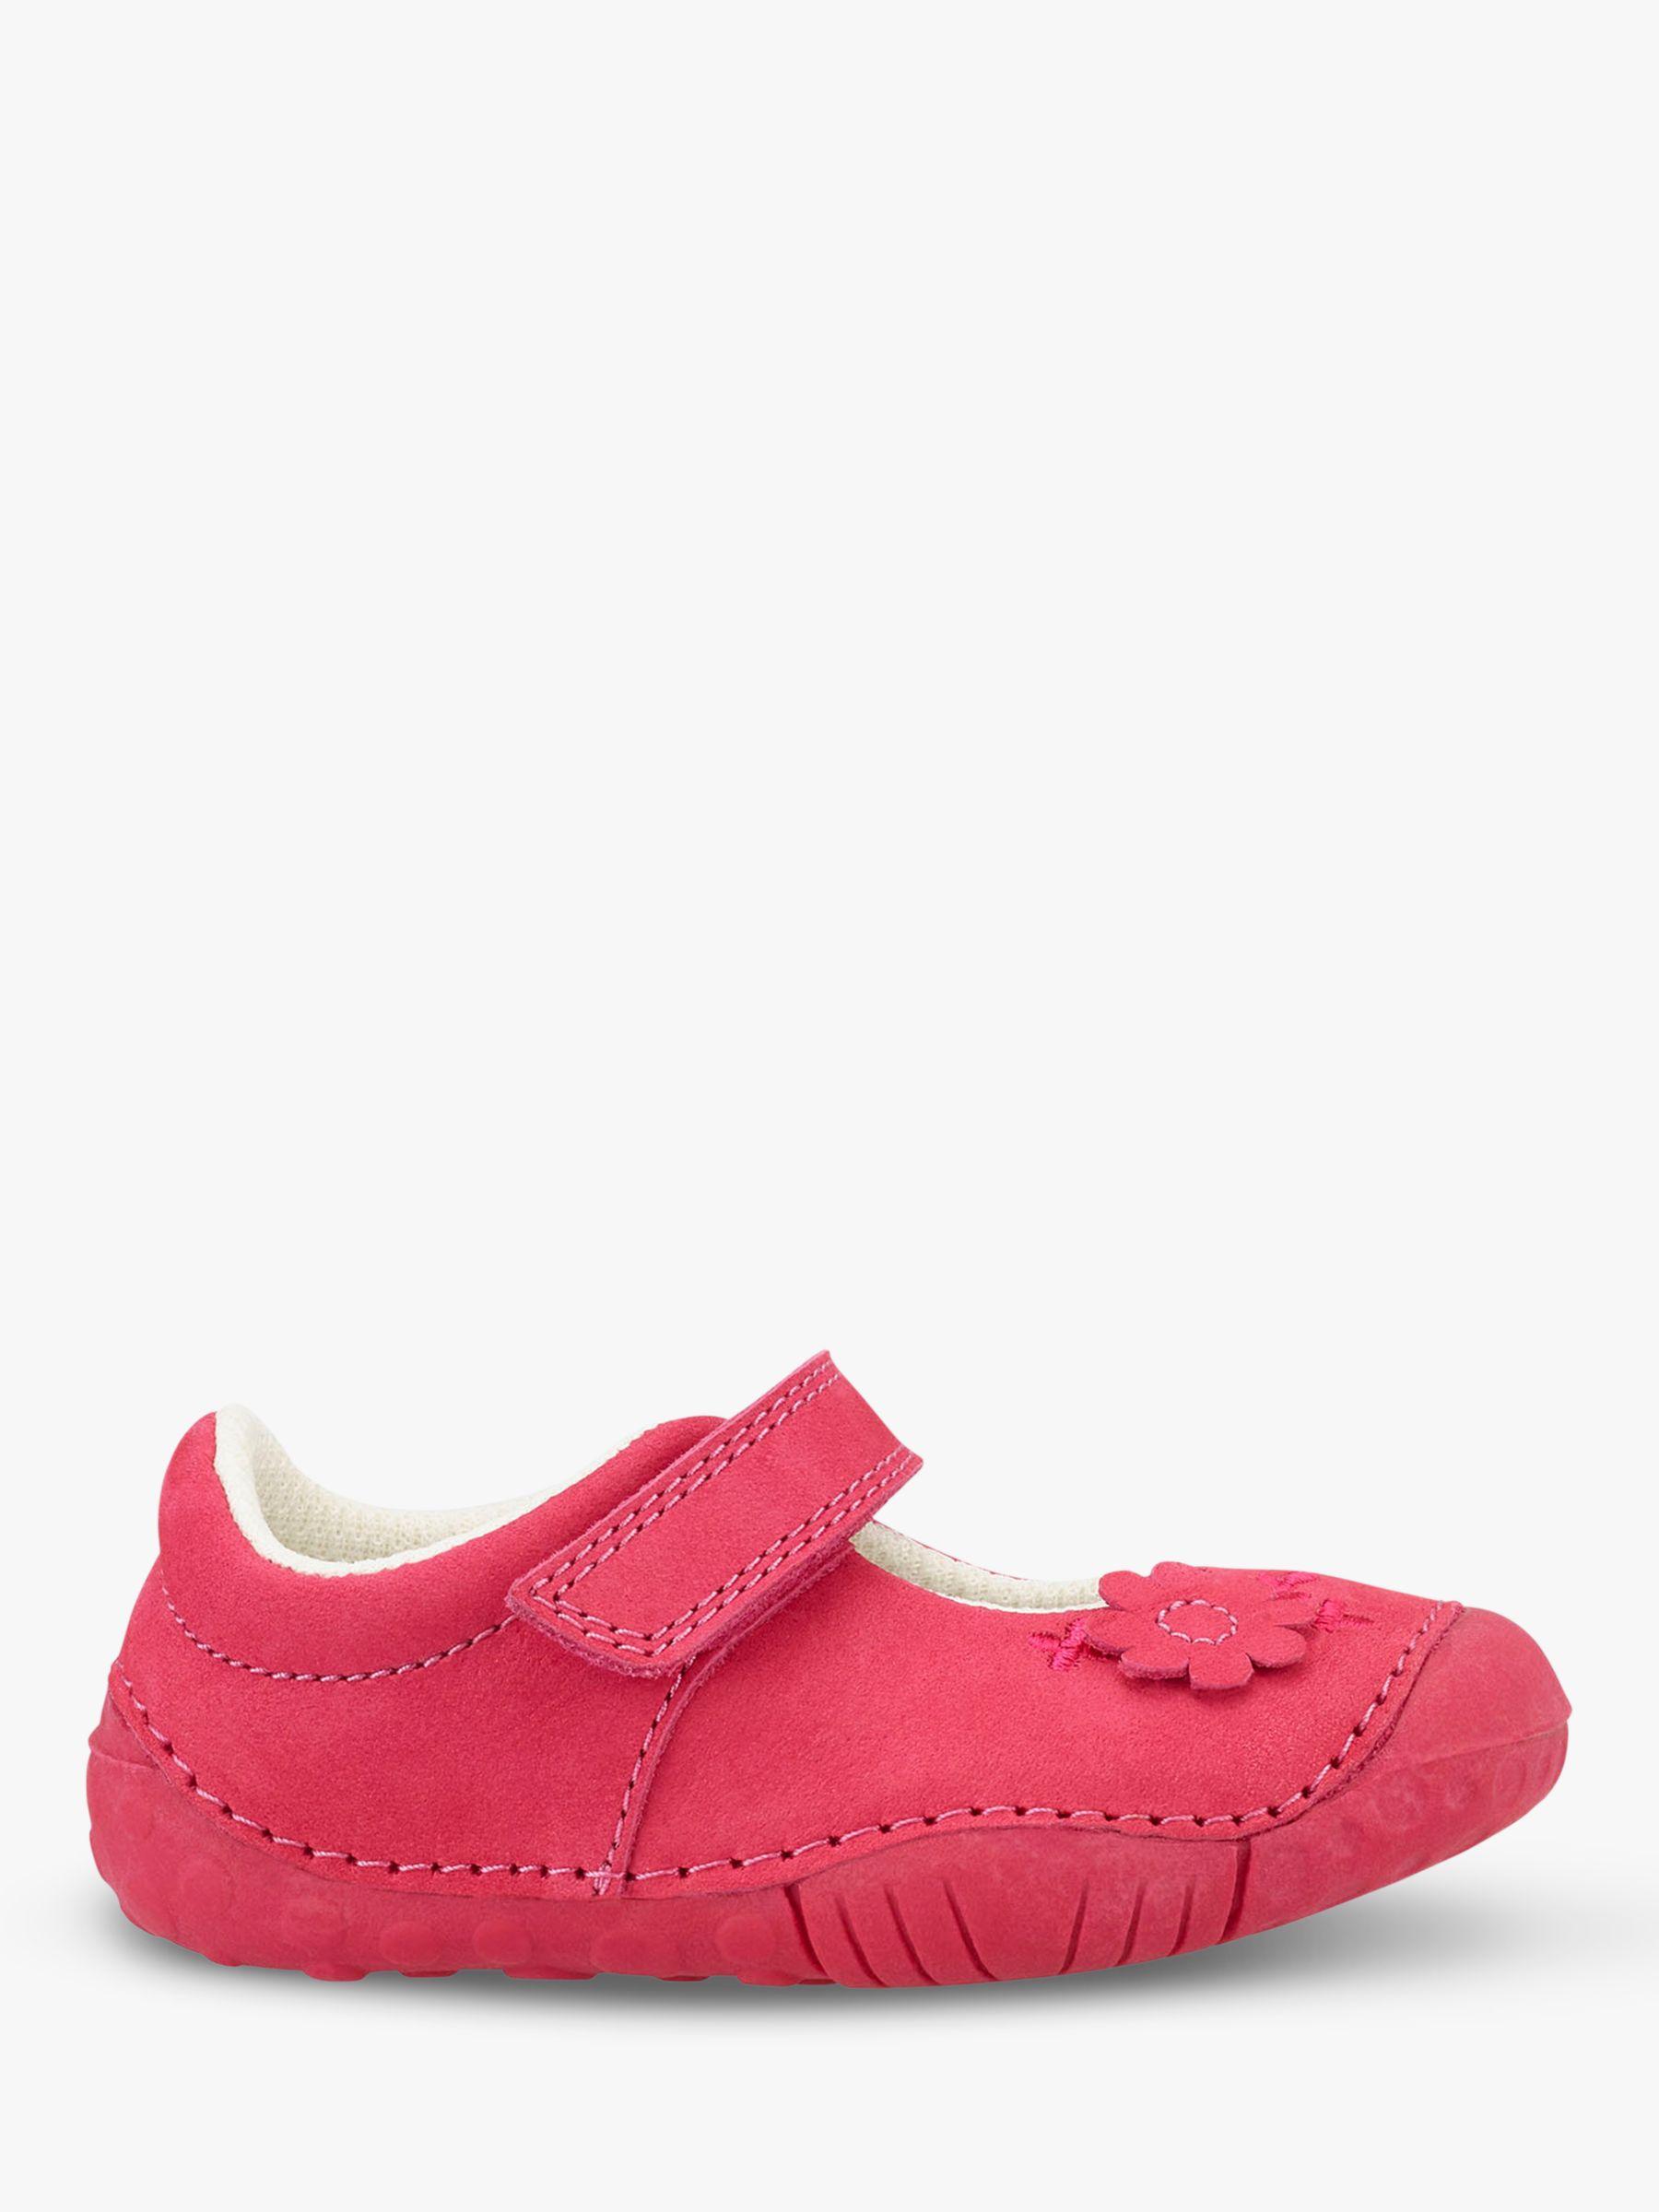 Start-Rite Start-rite Children's Petal T-Bar Pre-Walker Shoes, Pink